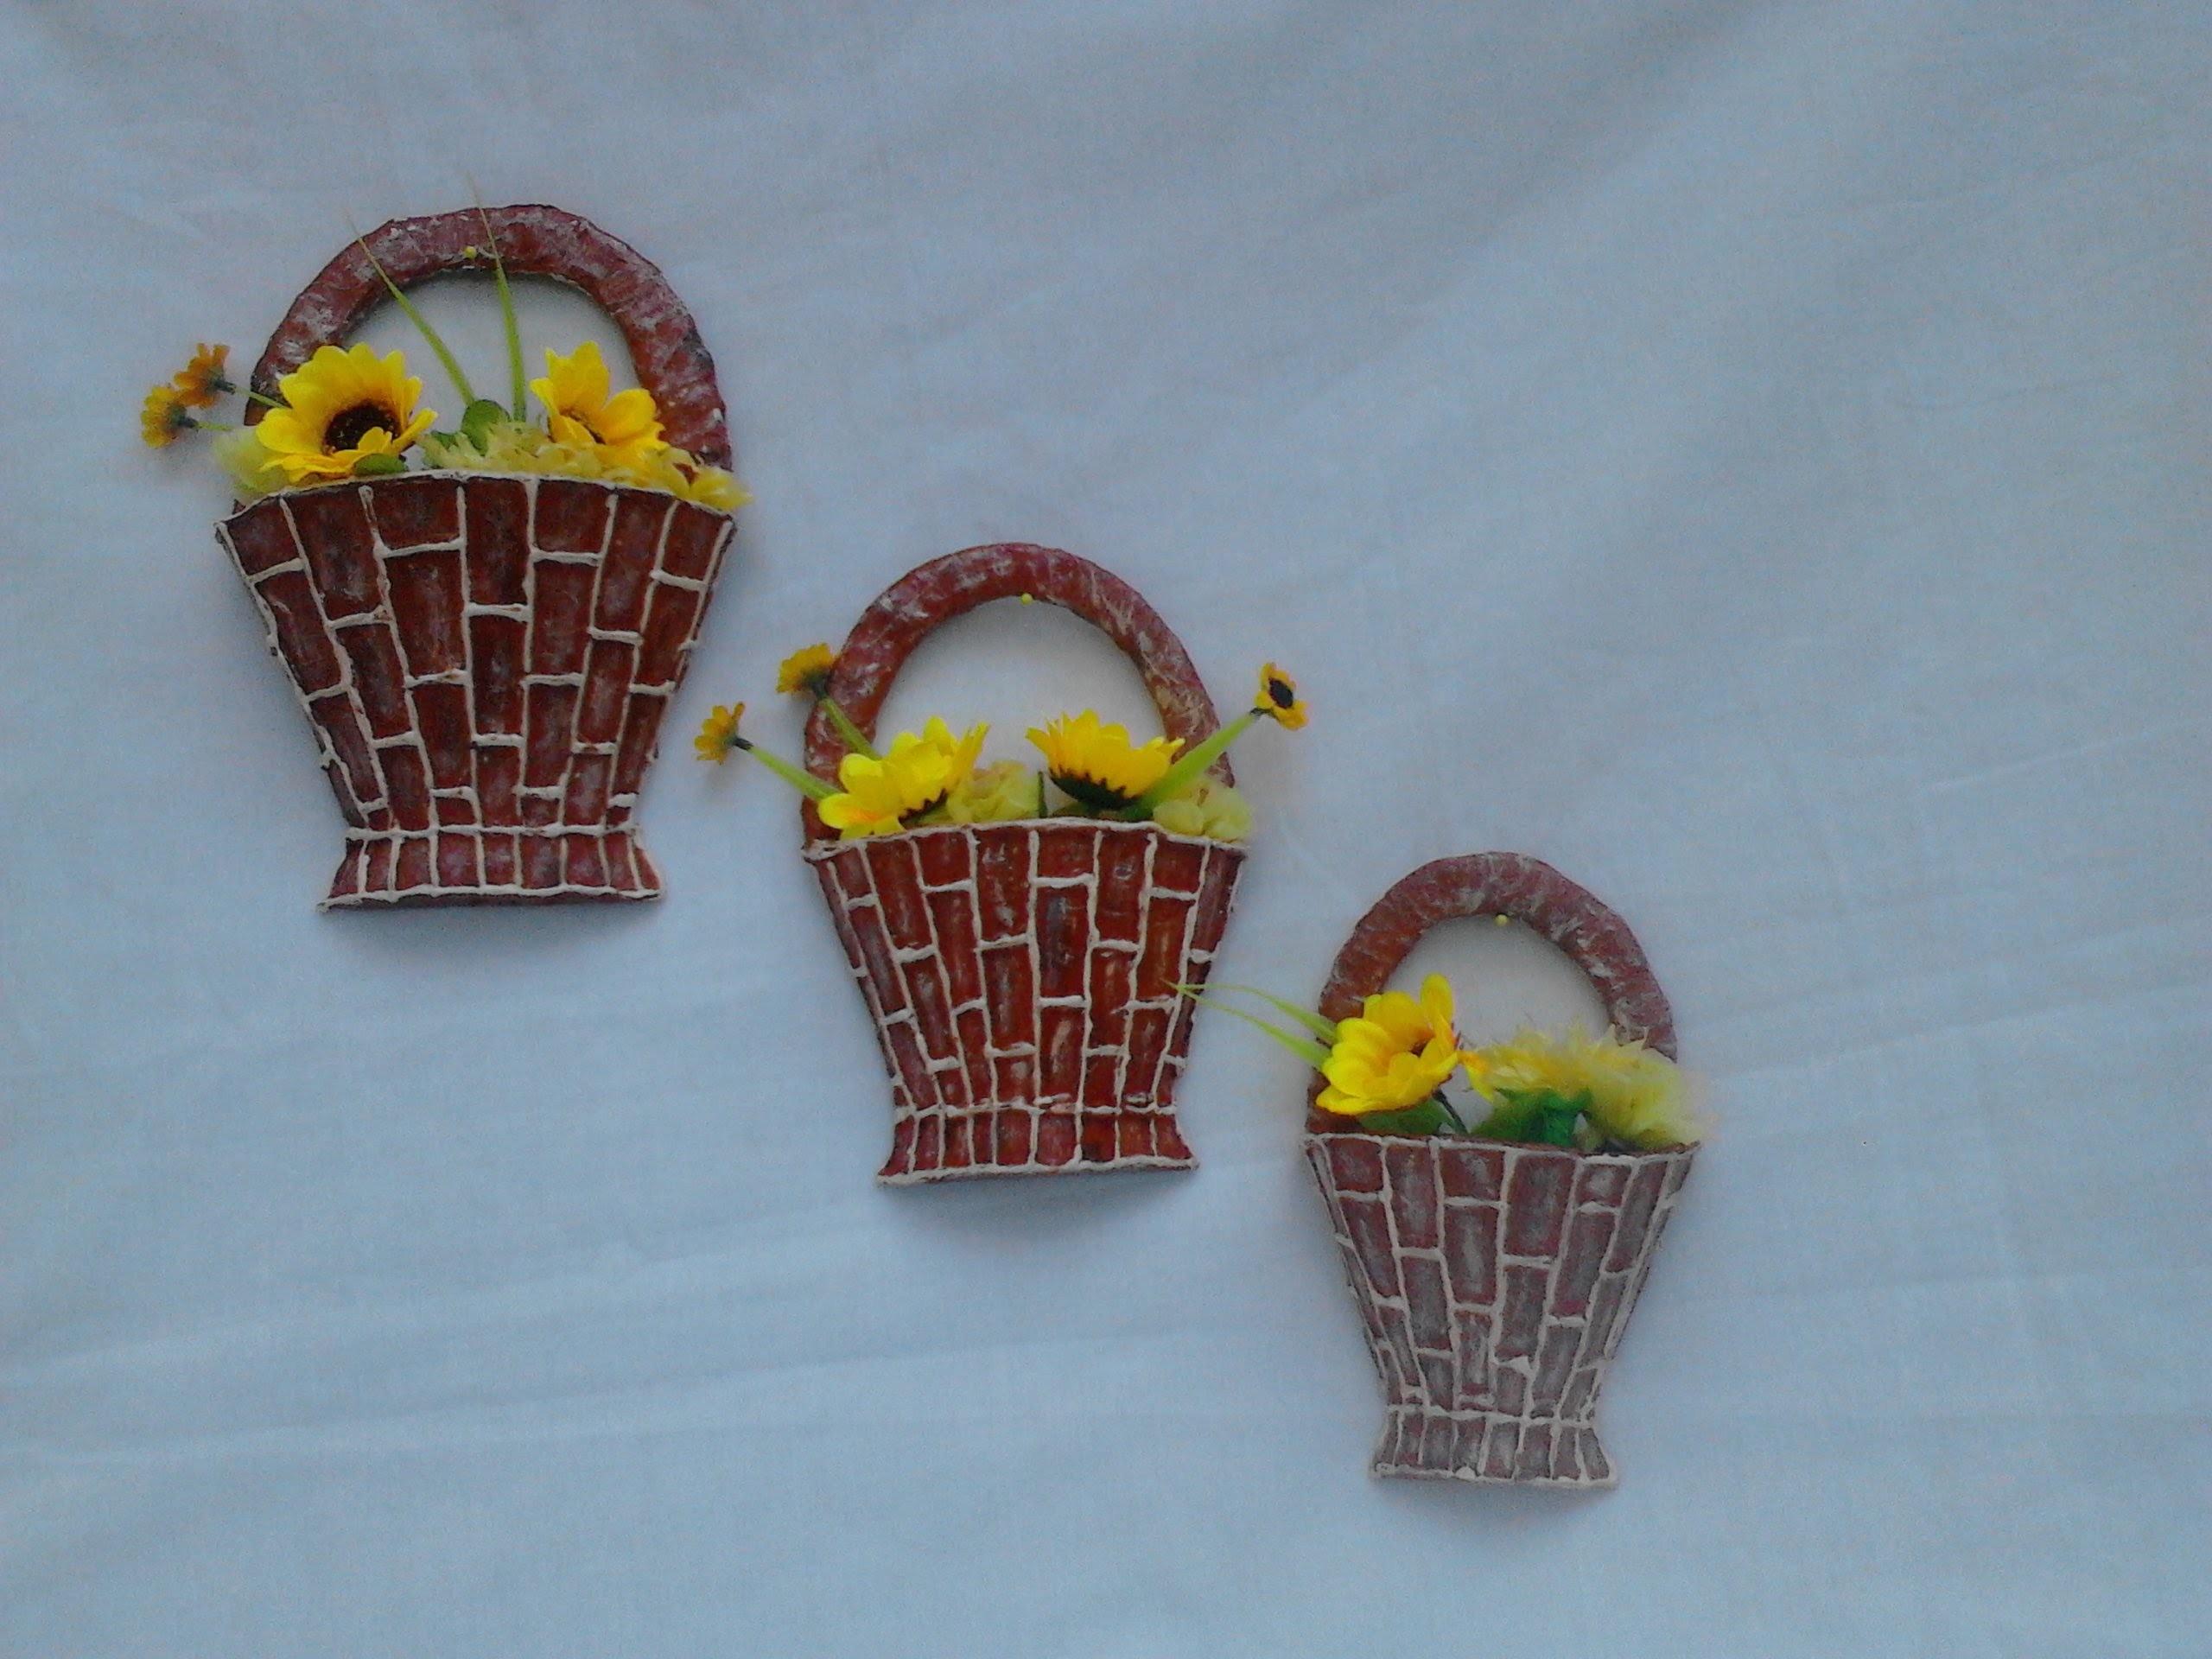 Canastitas hechas de carton adorno para la pared